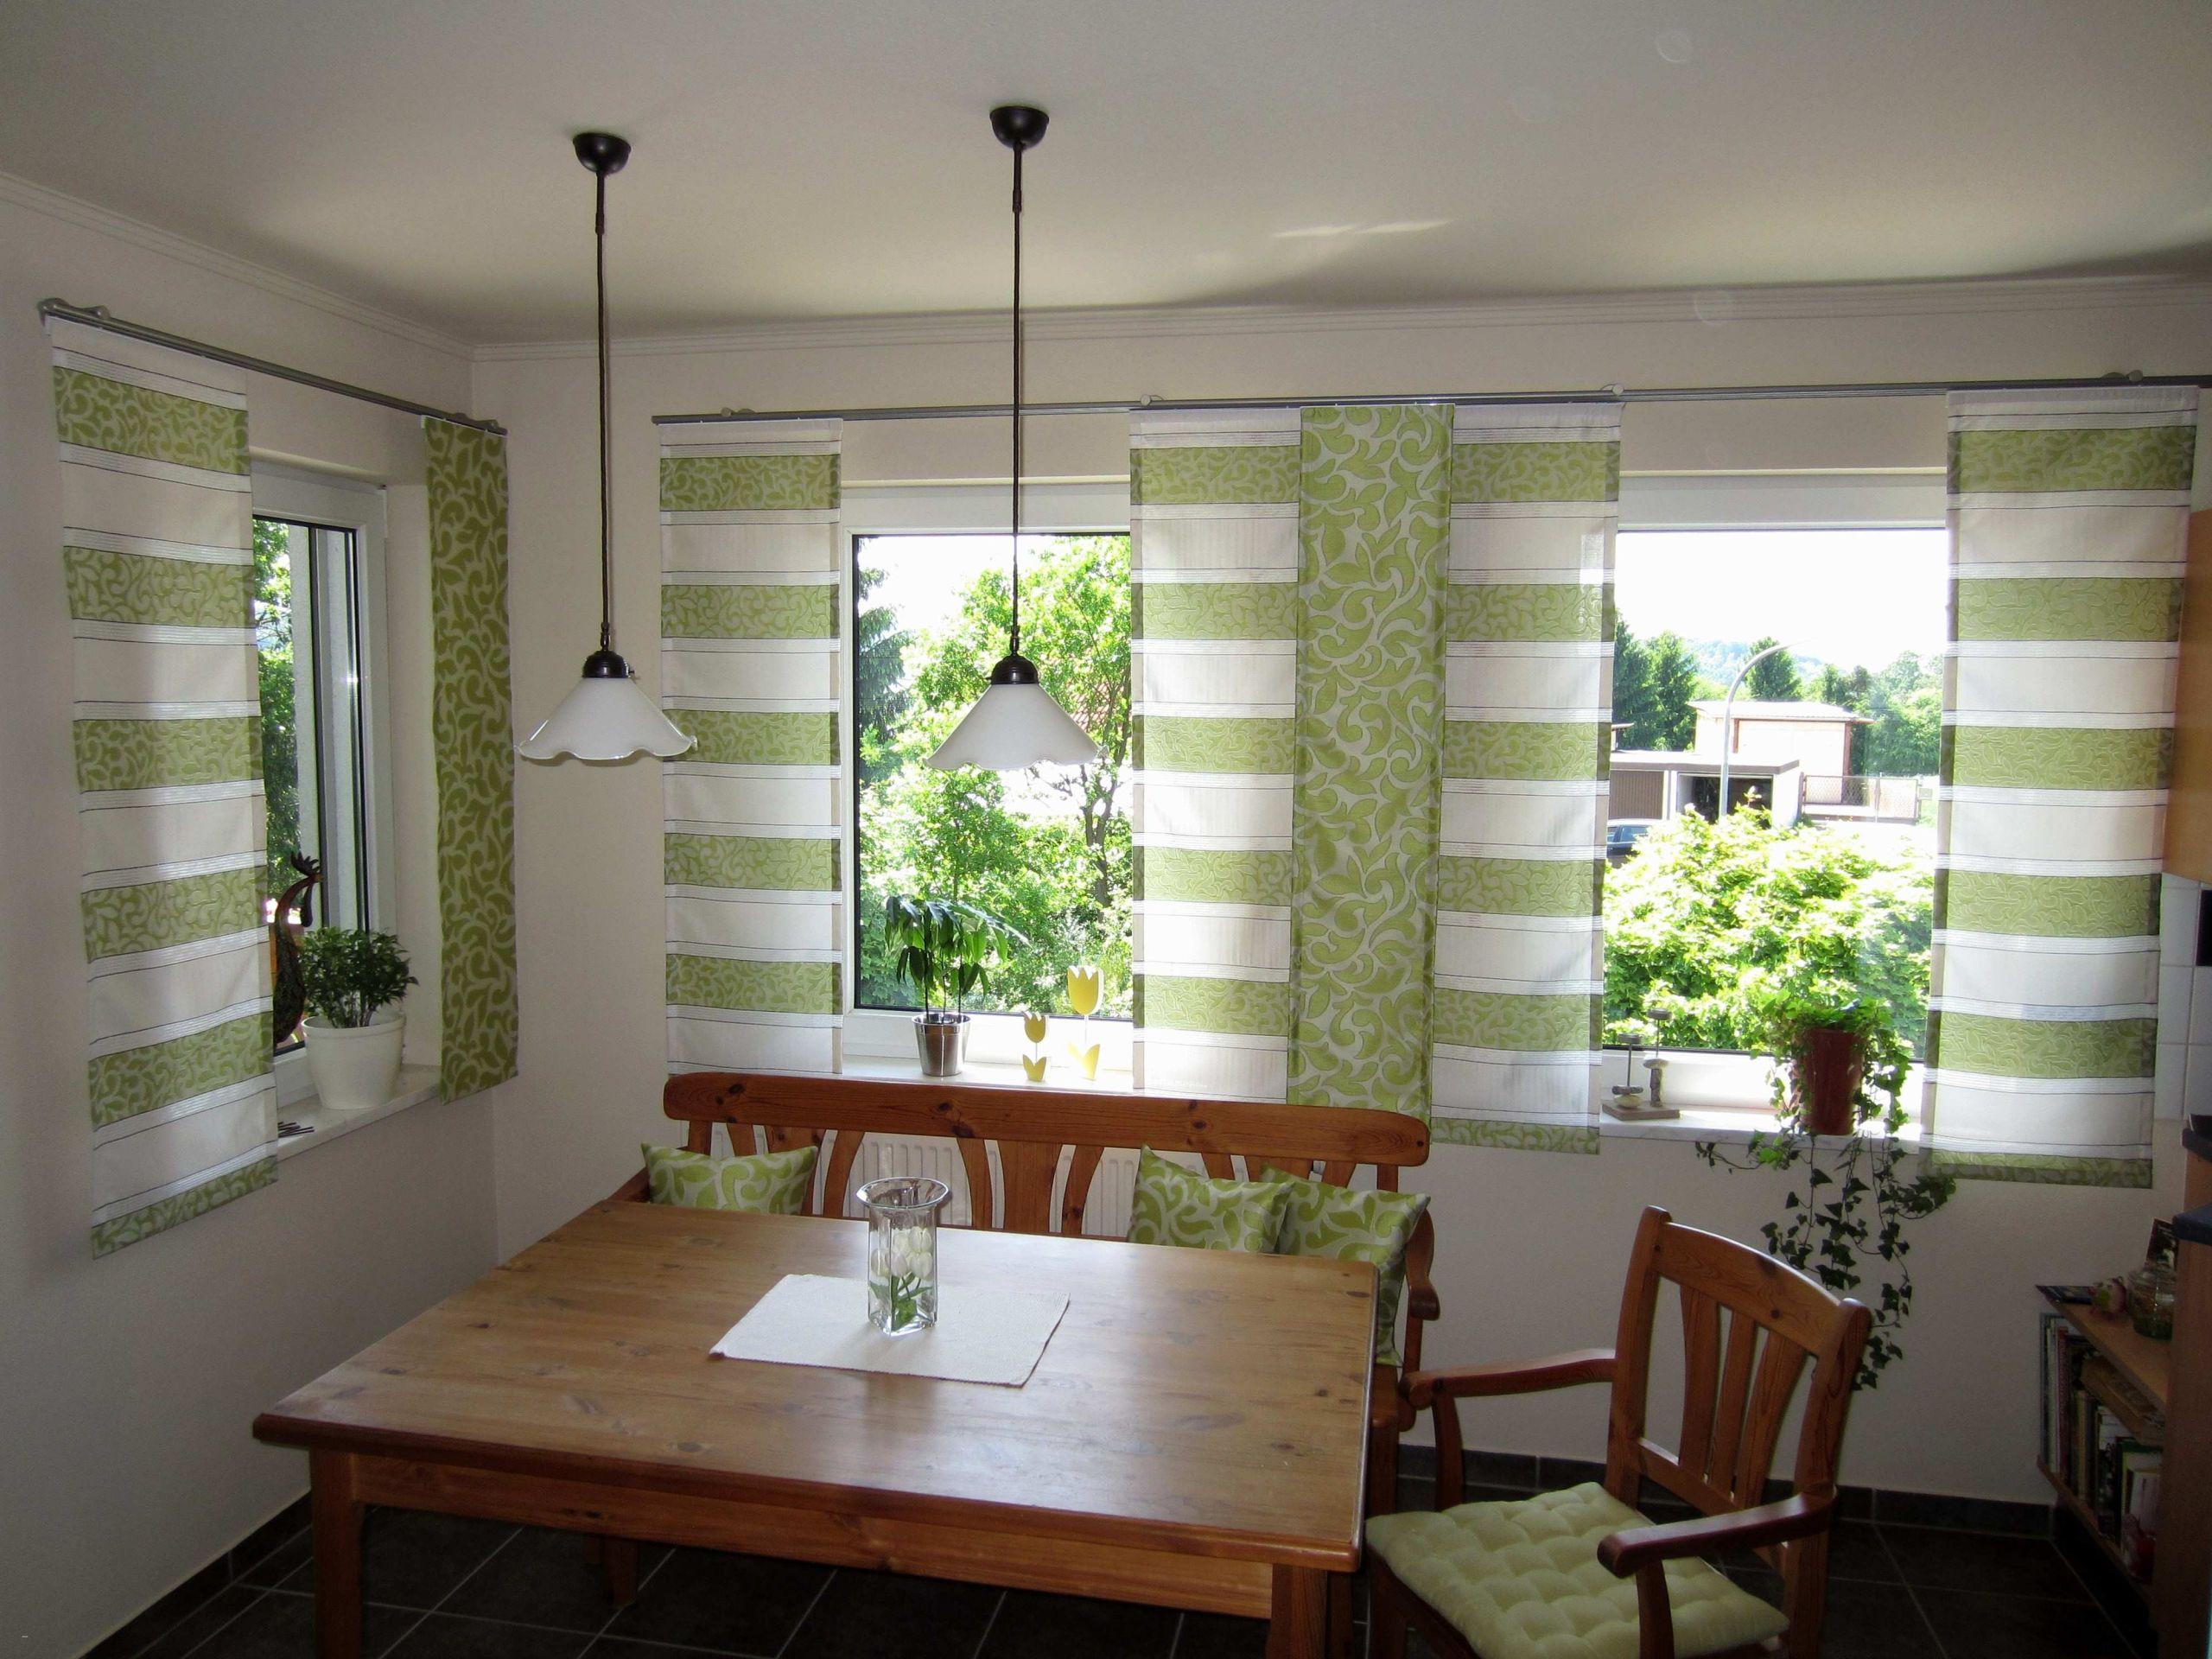 Balkon Deko Selber Machen Elegant 50 Luxus Von Wanddekoration Selber Machen Design